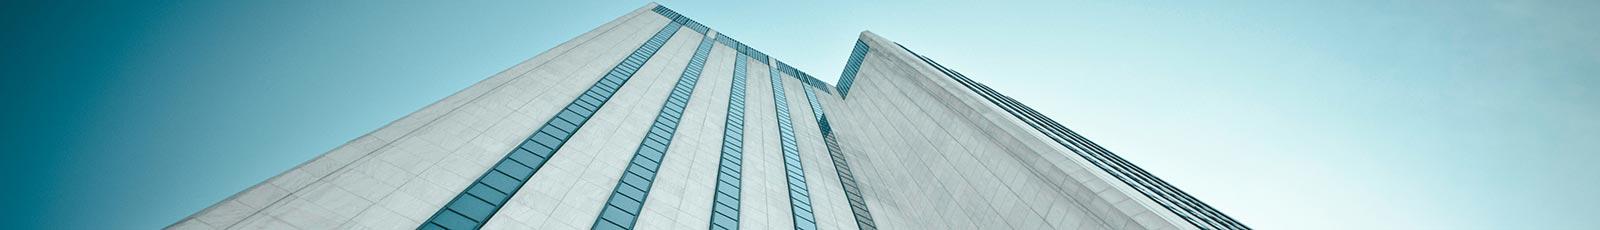 Architecture-2-1